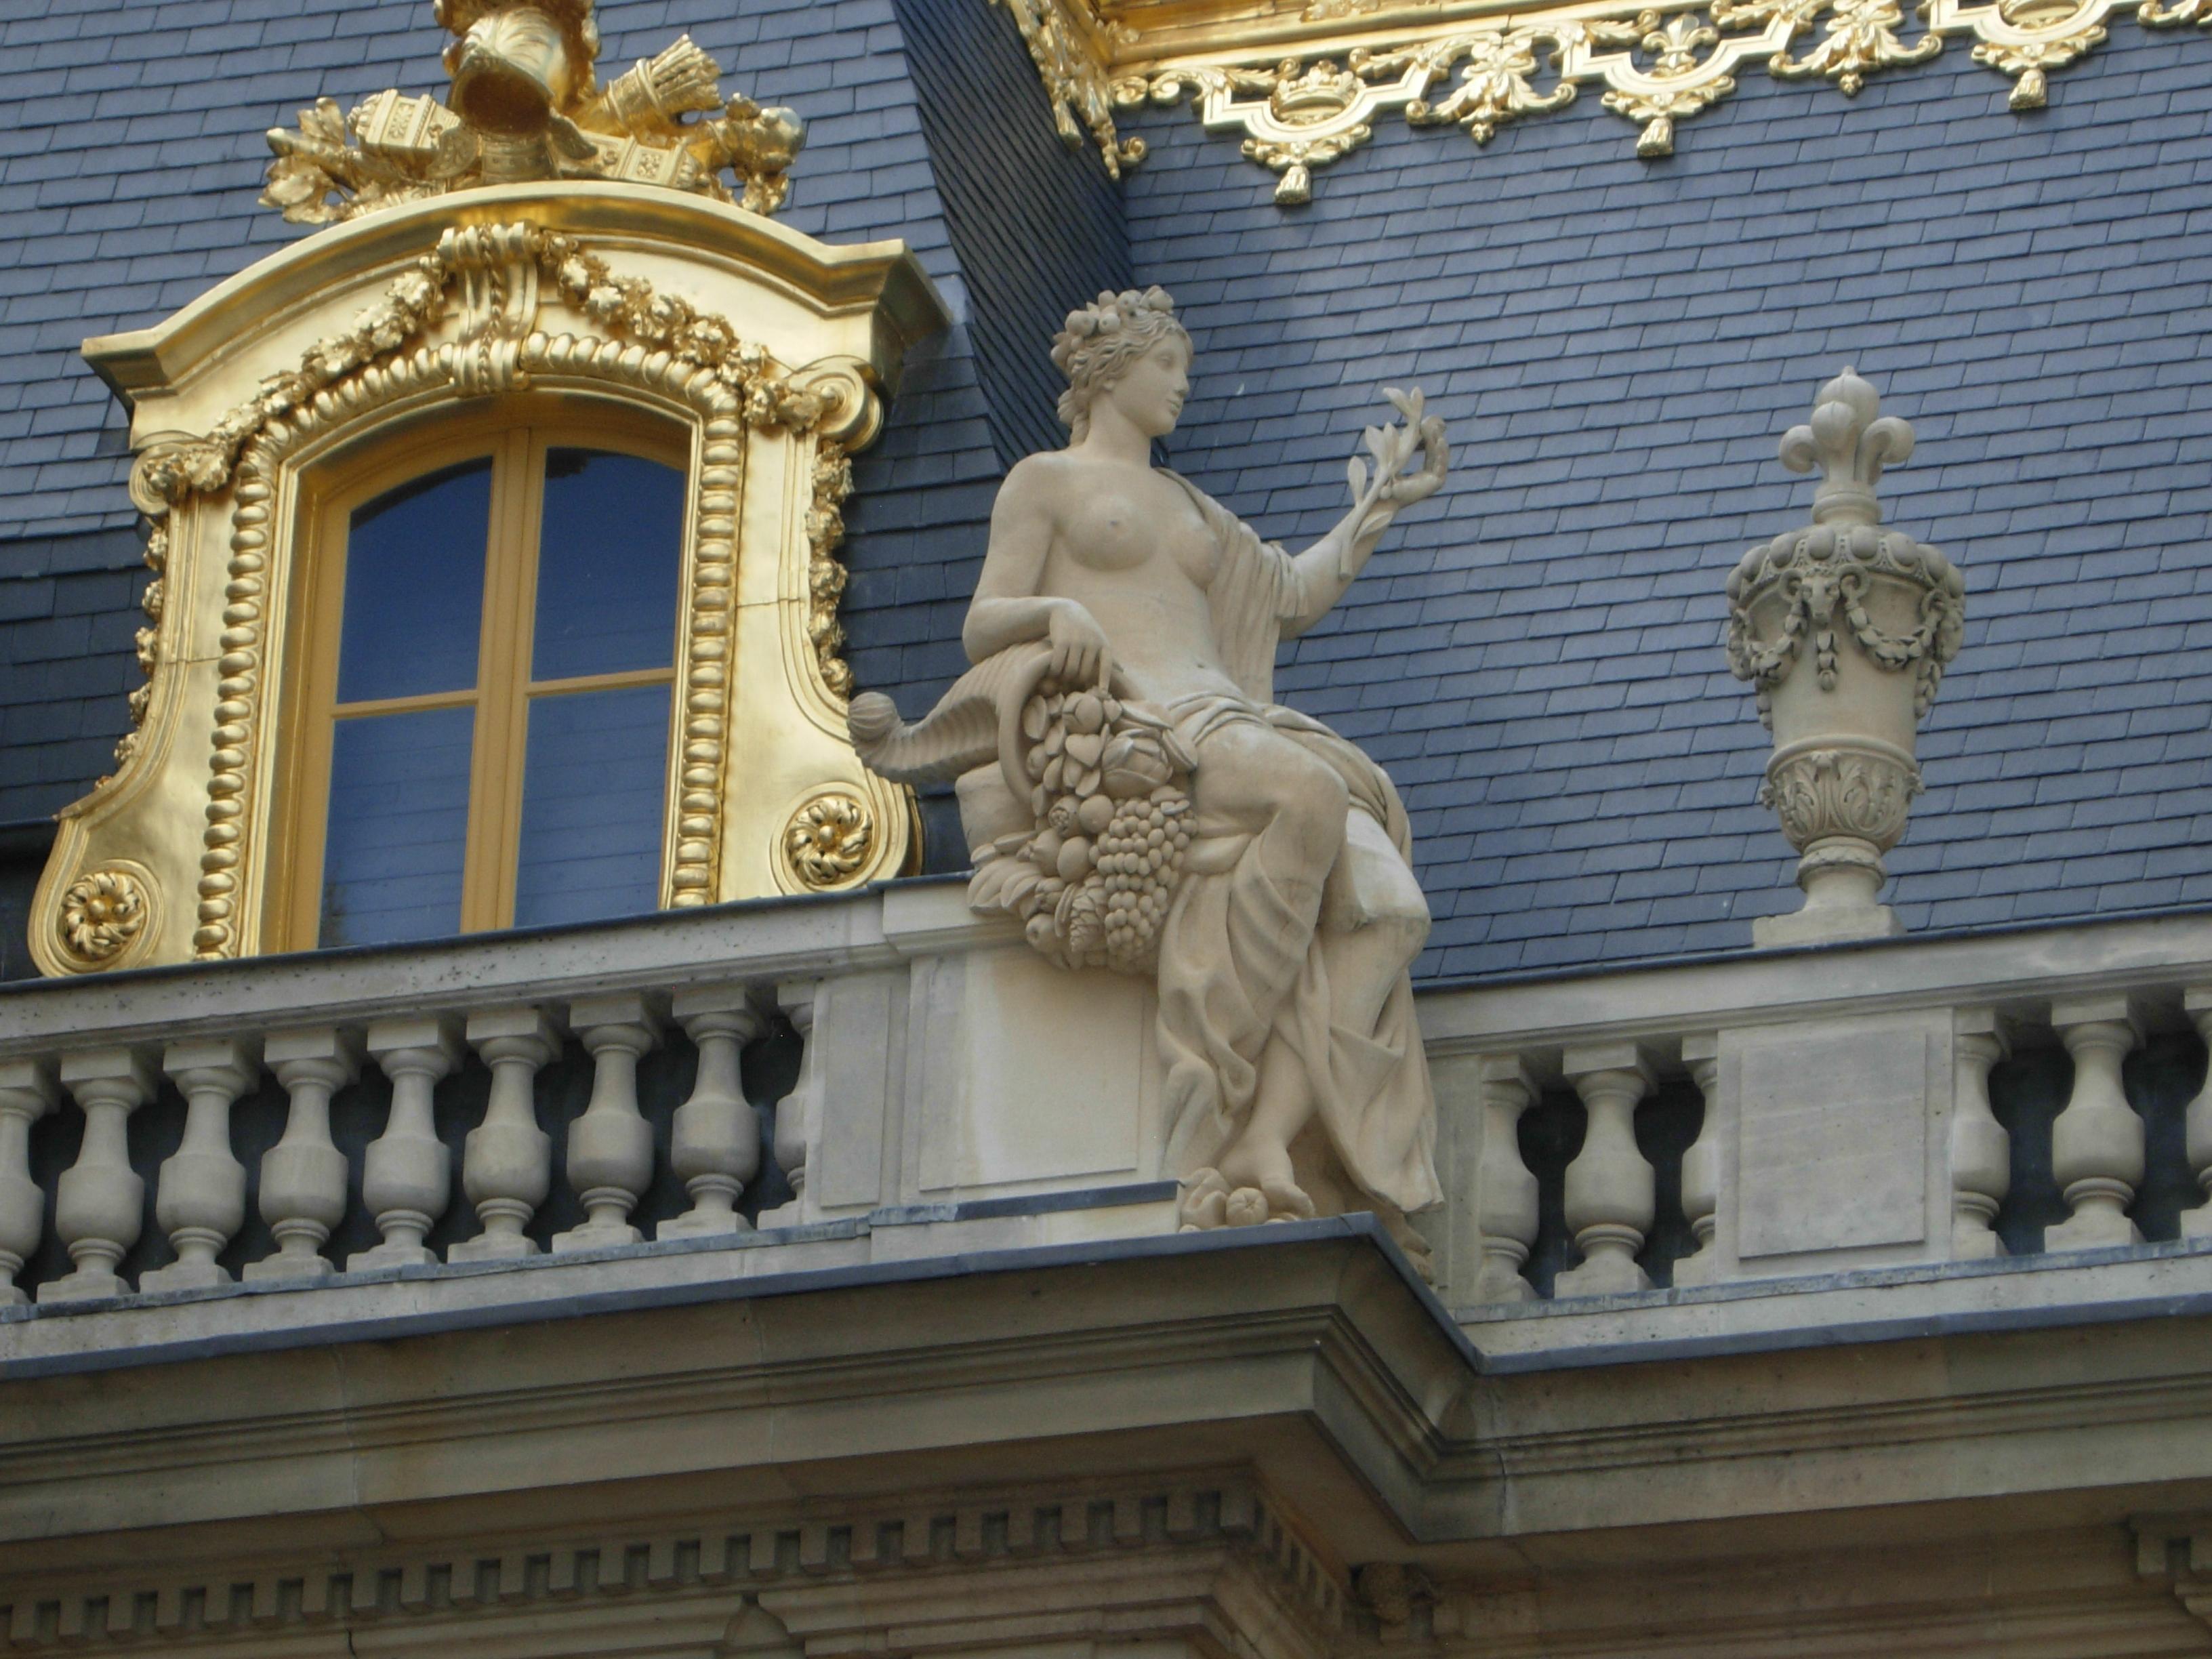 文化巴黎的魅力——凡尔赛宫_图1-6